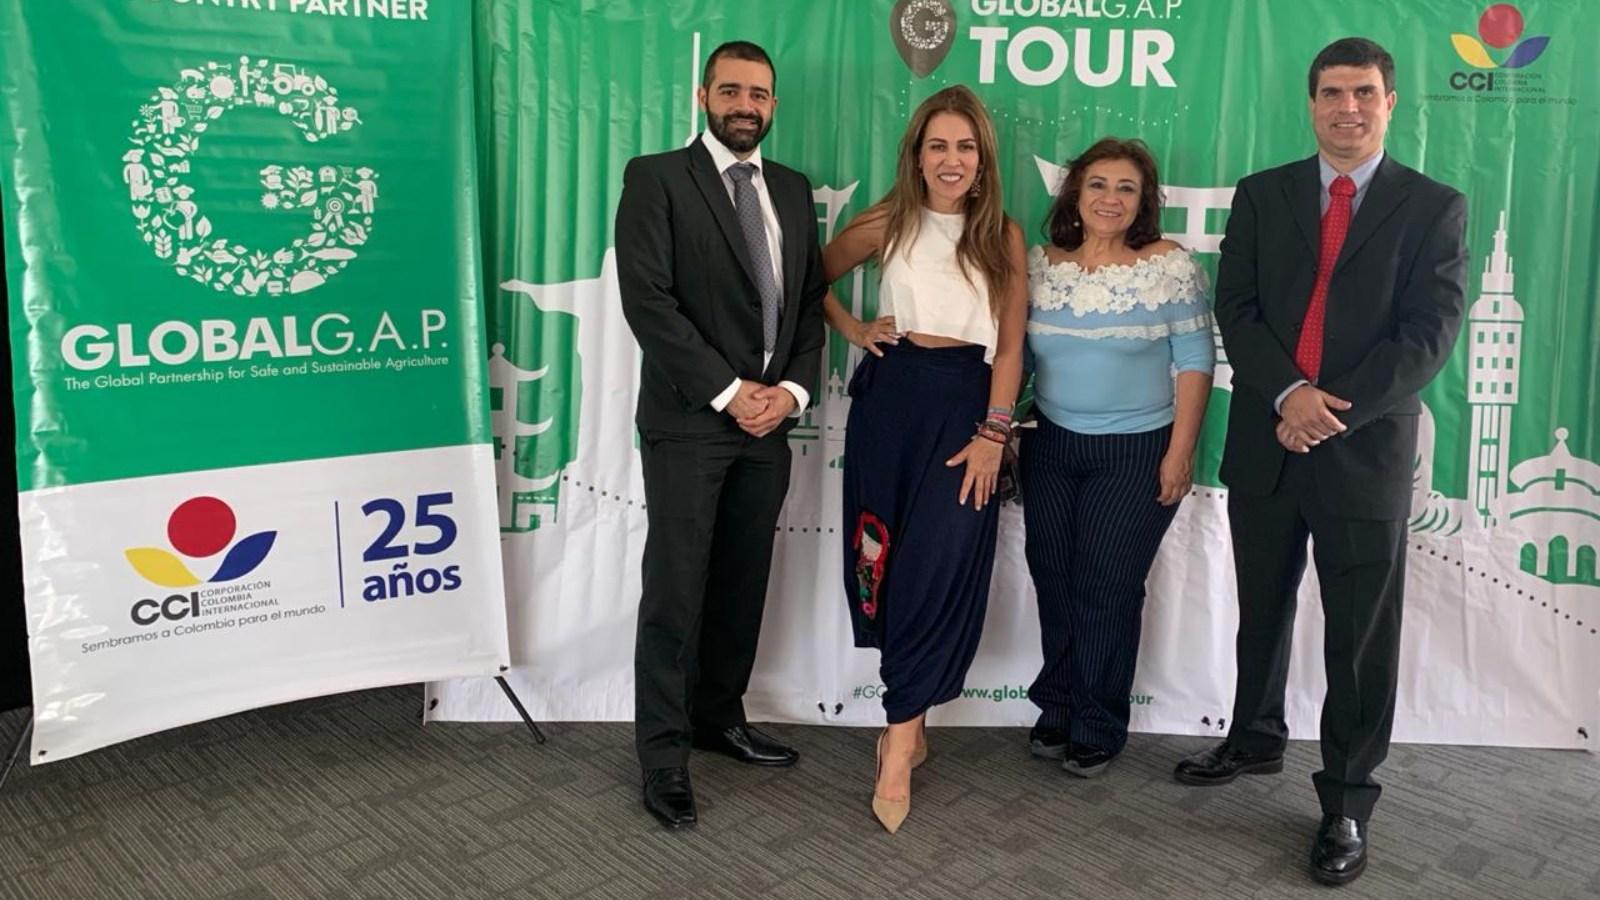 Comenzó la segunda versión del Tour GlobalG.A.P que se realiza en Medellín